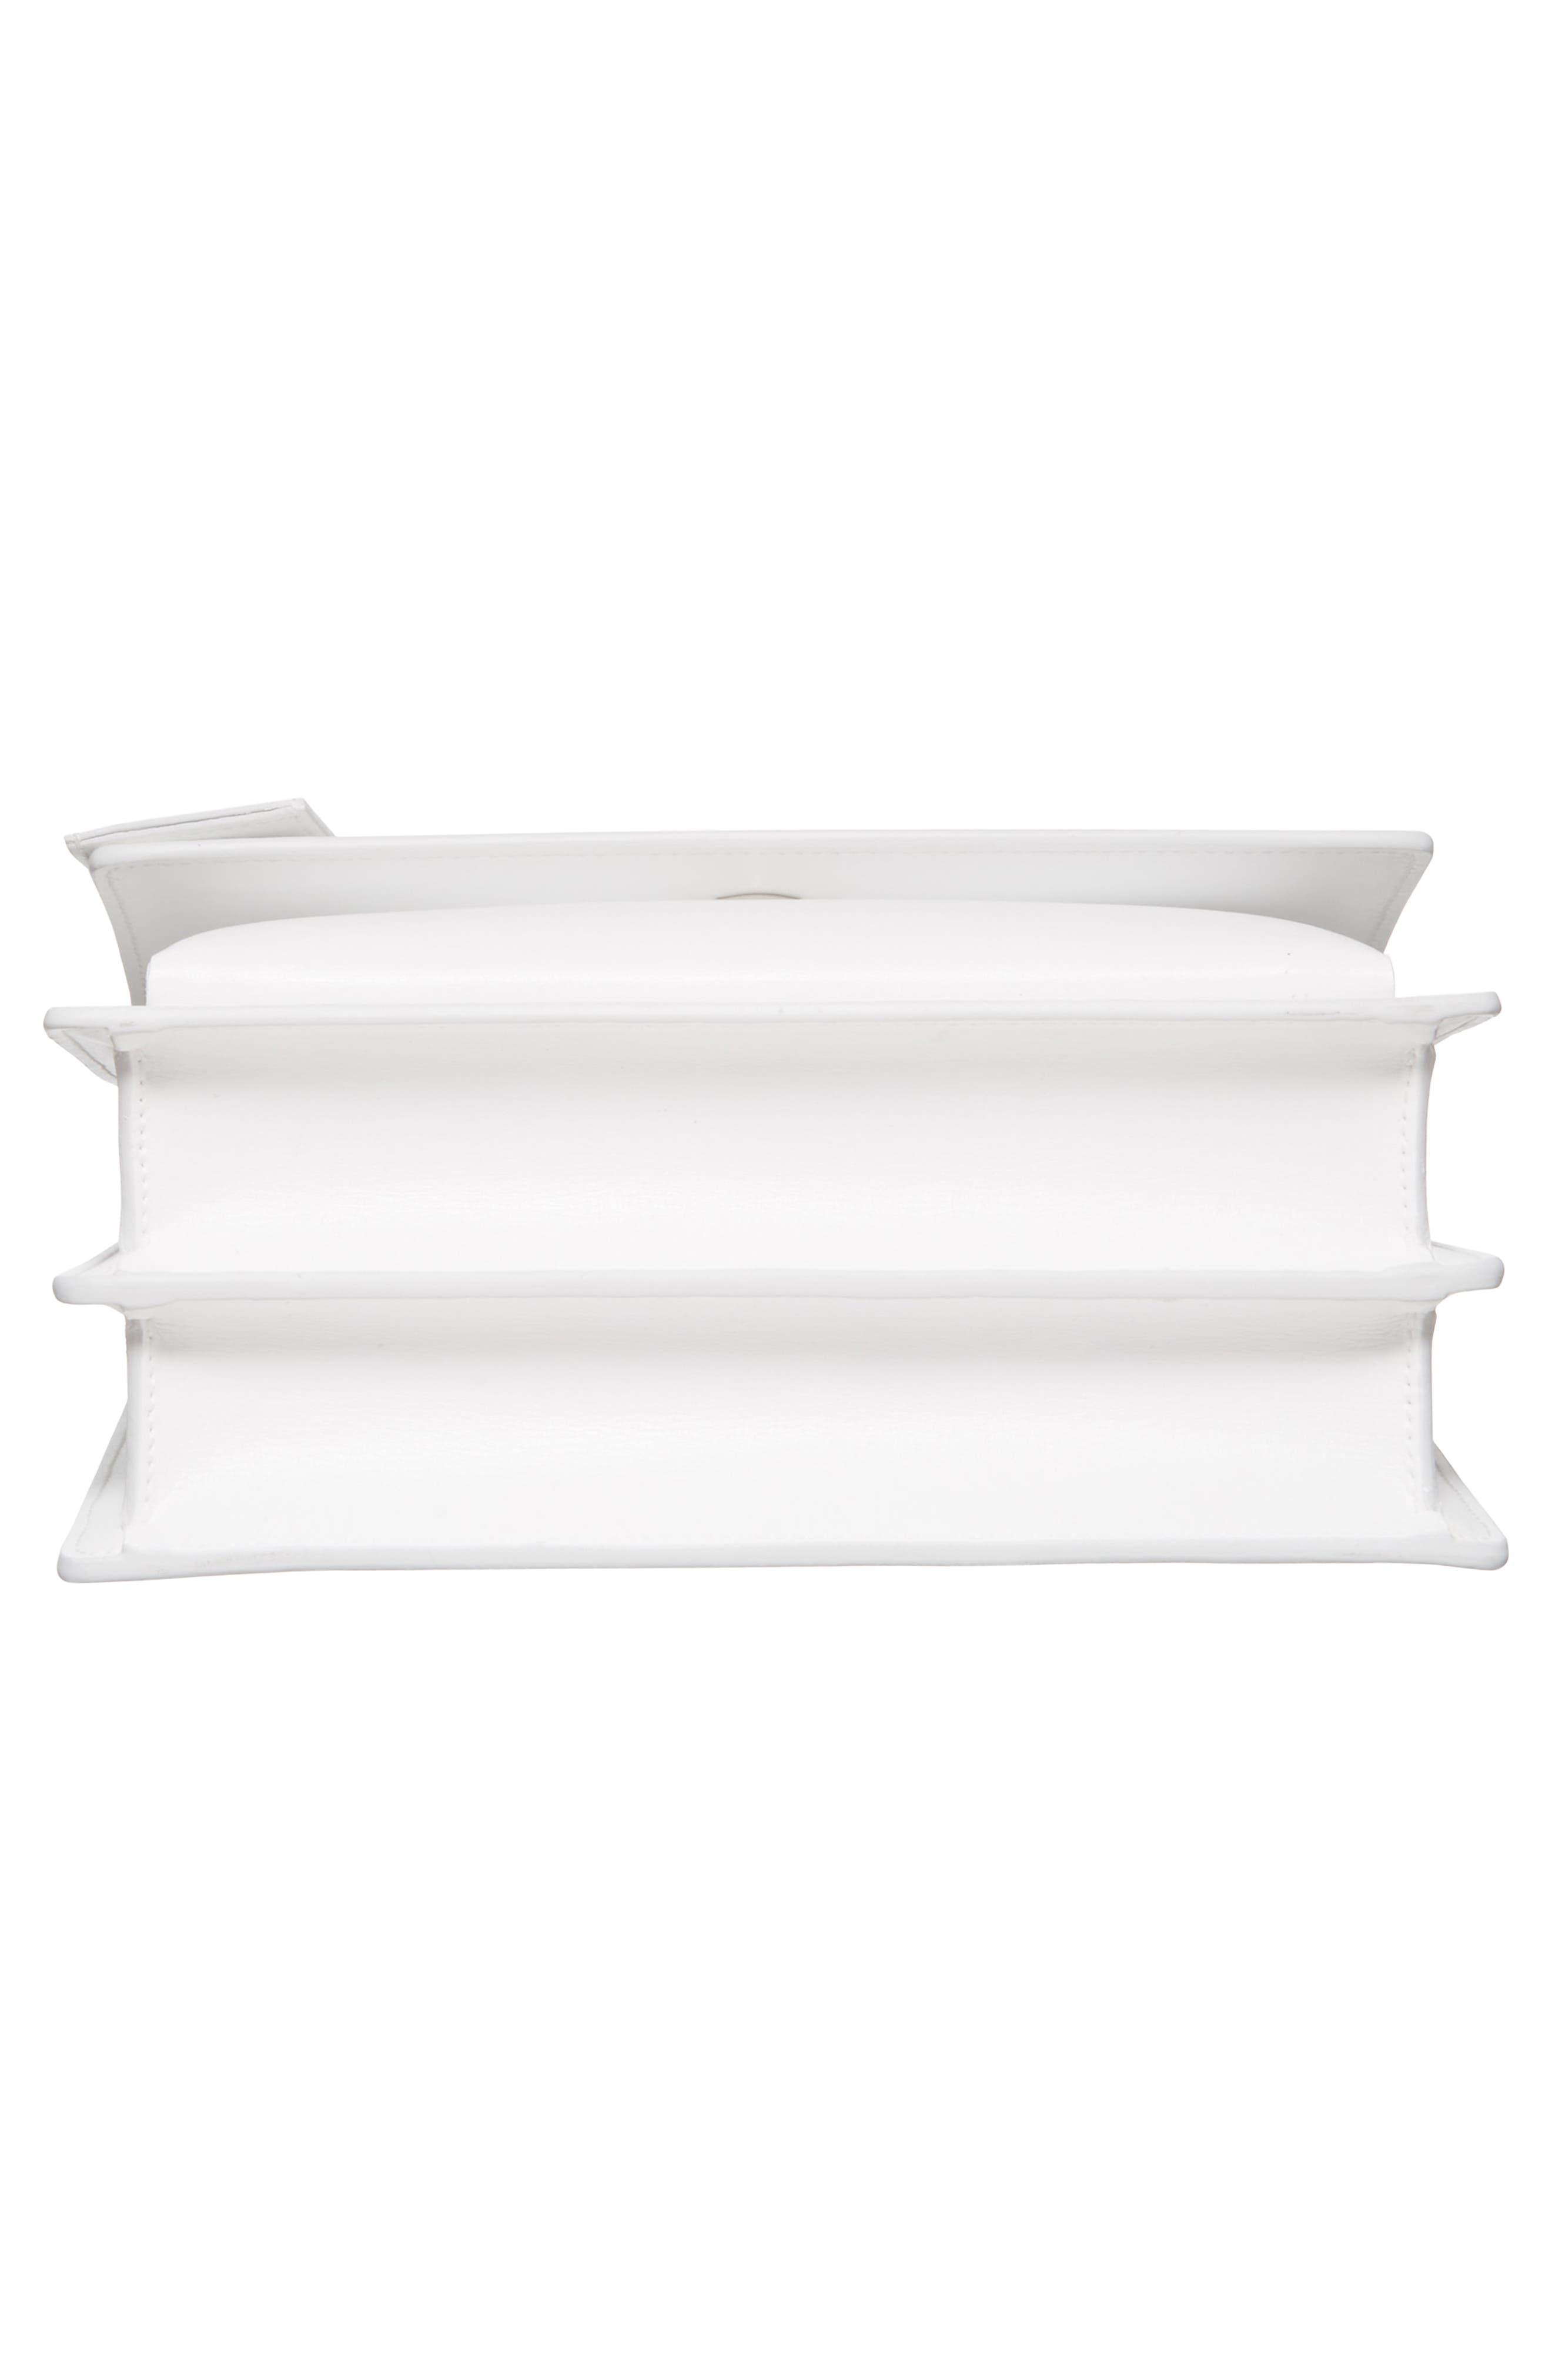 Medium Sunset Calfskin Shoulder Bag,                             Alternate thumbnail 5, color,                             Optic White